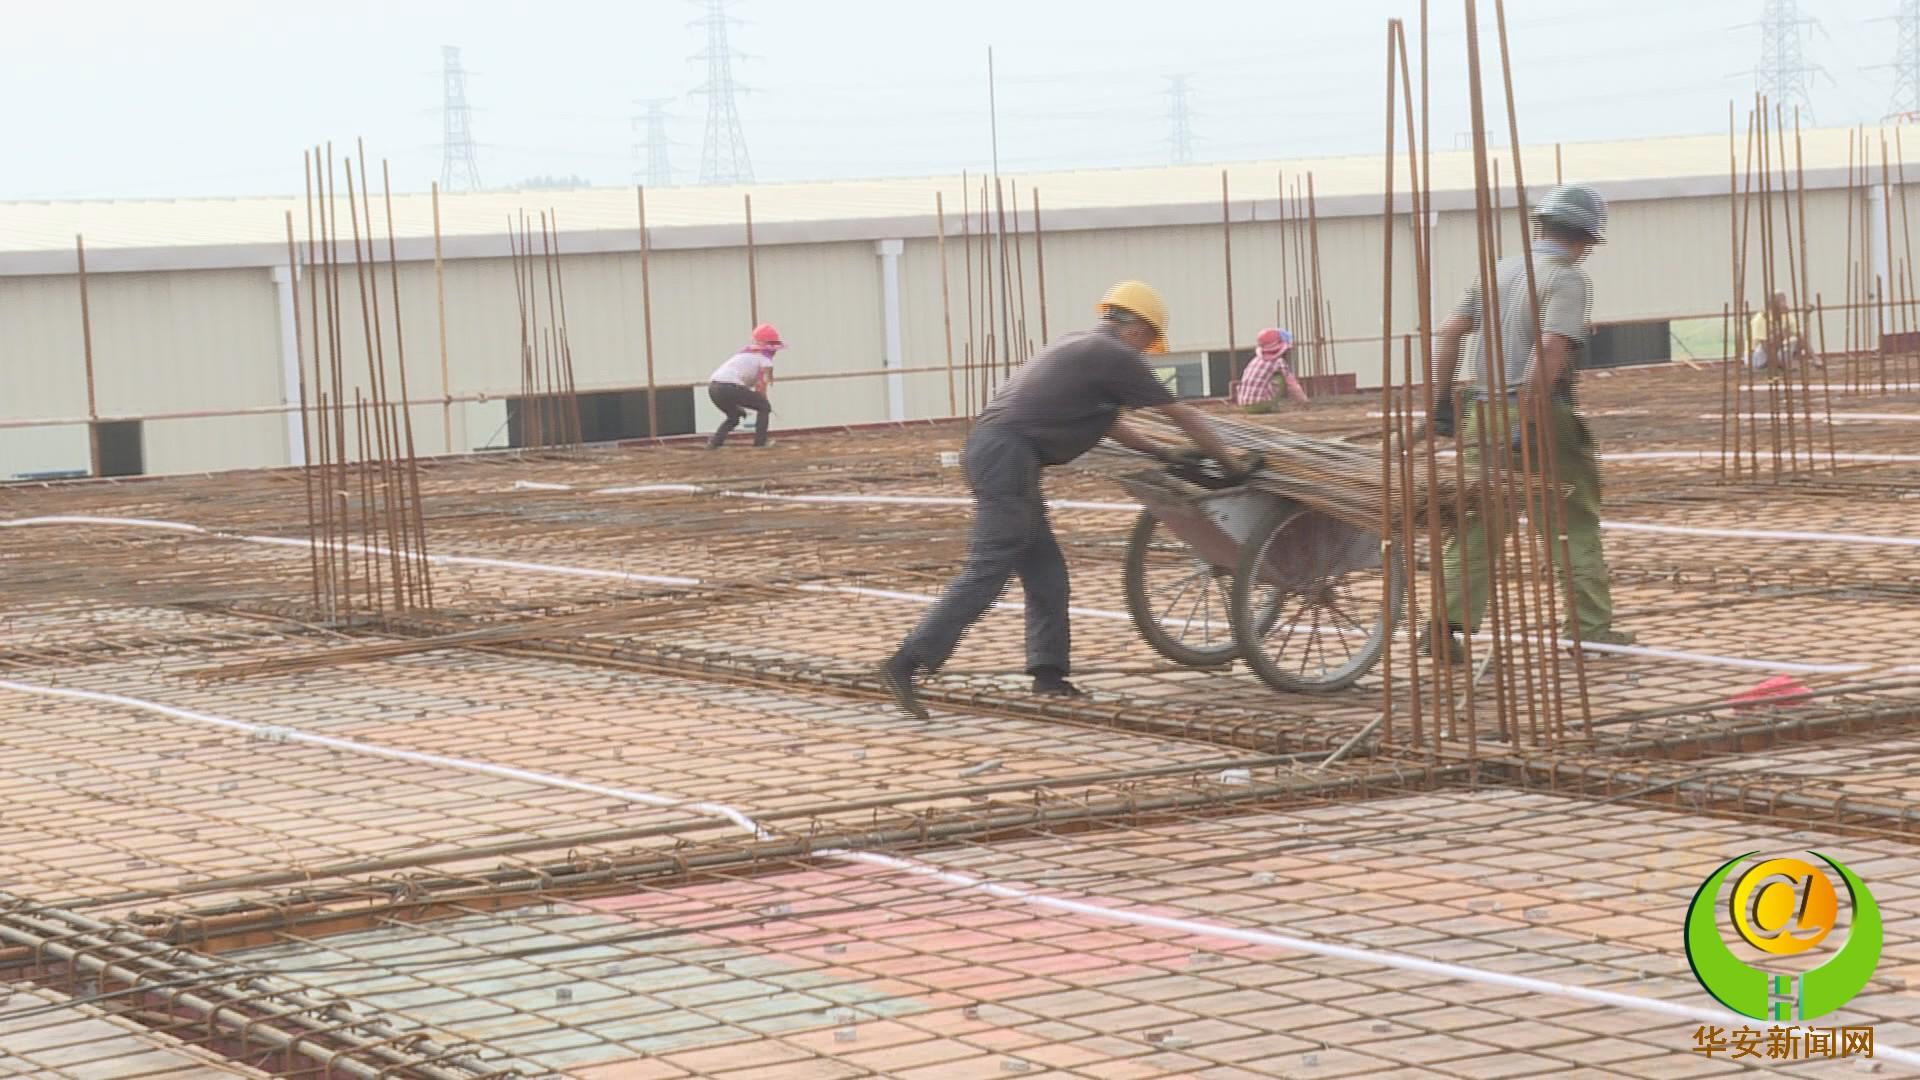 漳州华安经济开发区:10个项目开工投资近15亿元